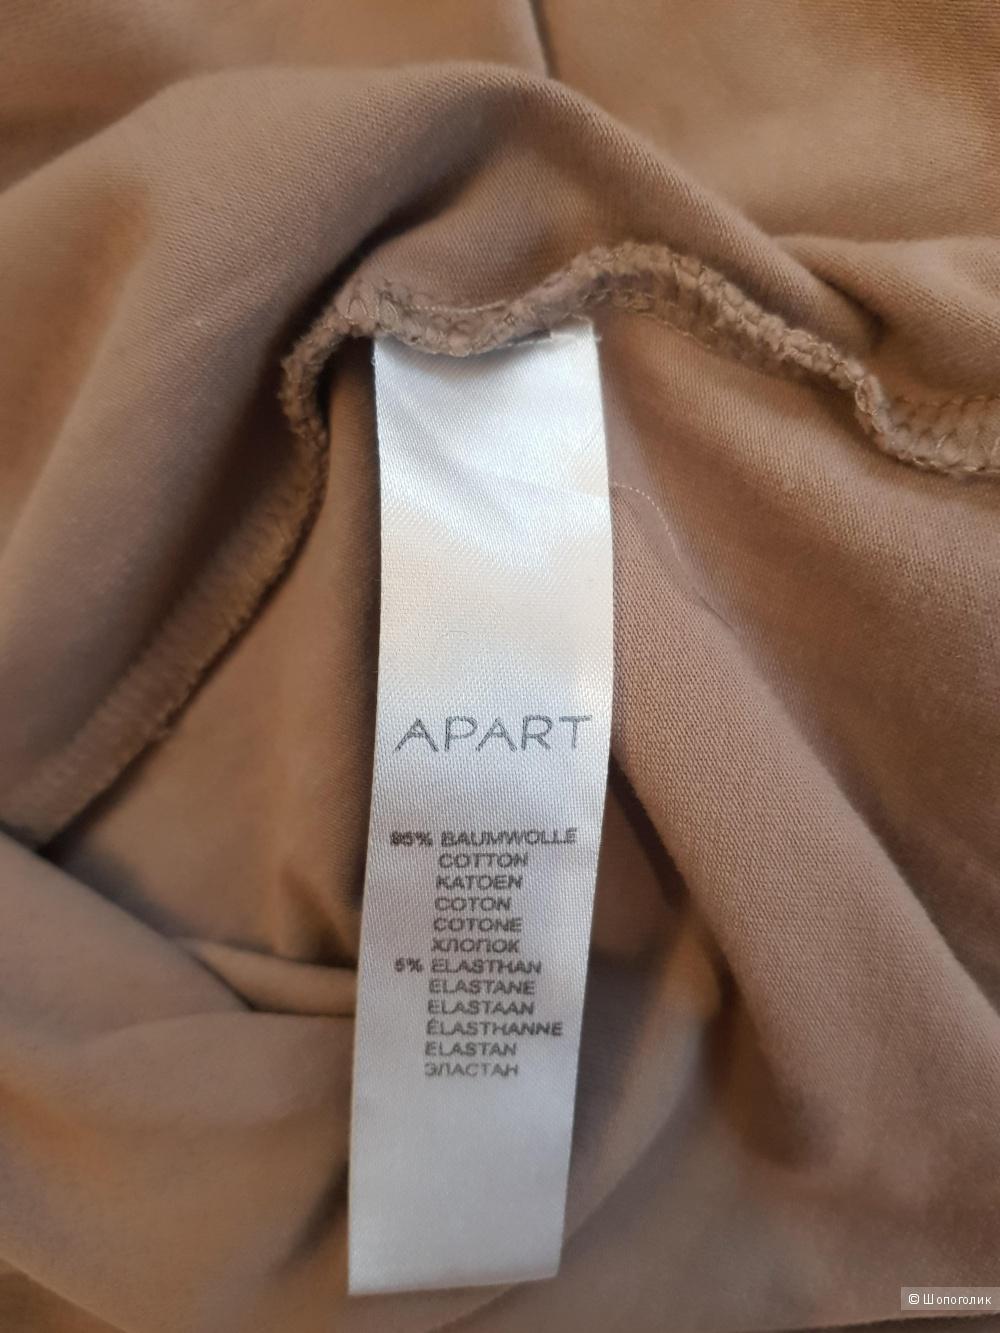 Водолазка APART, 44-46 размер